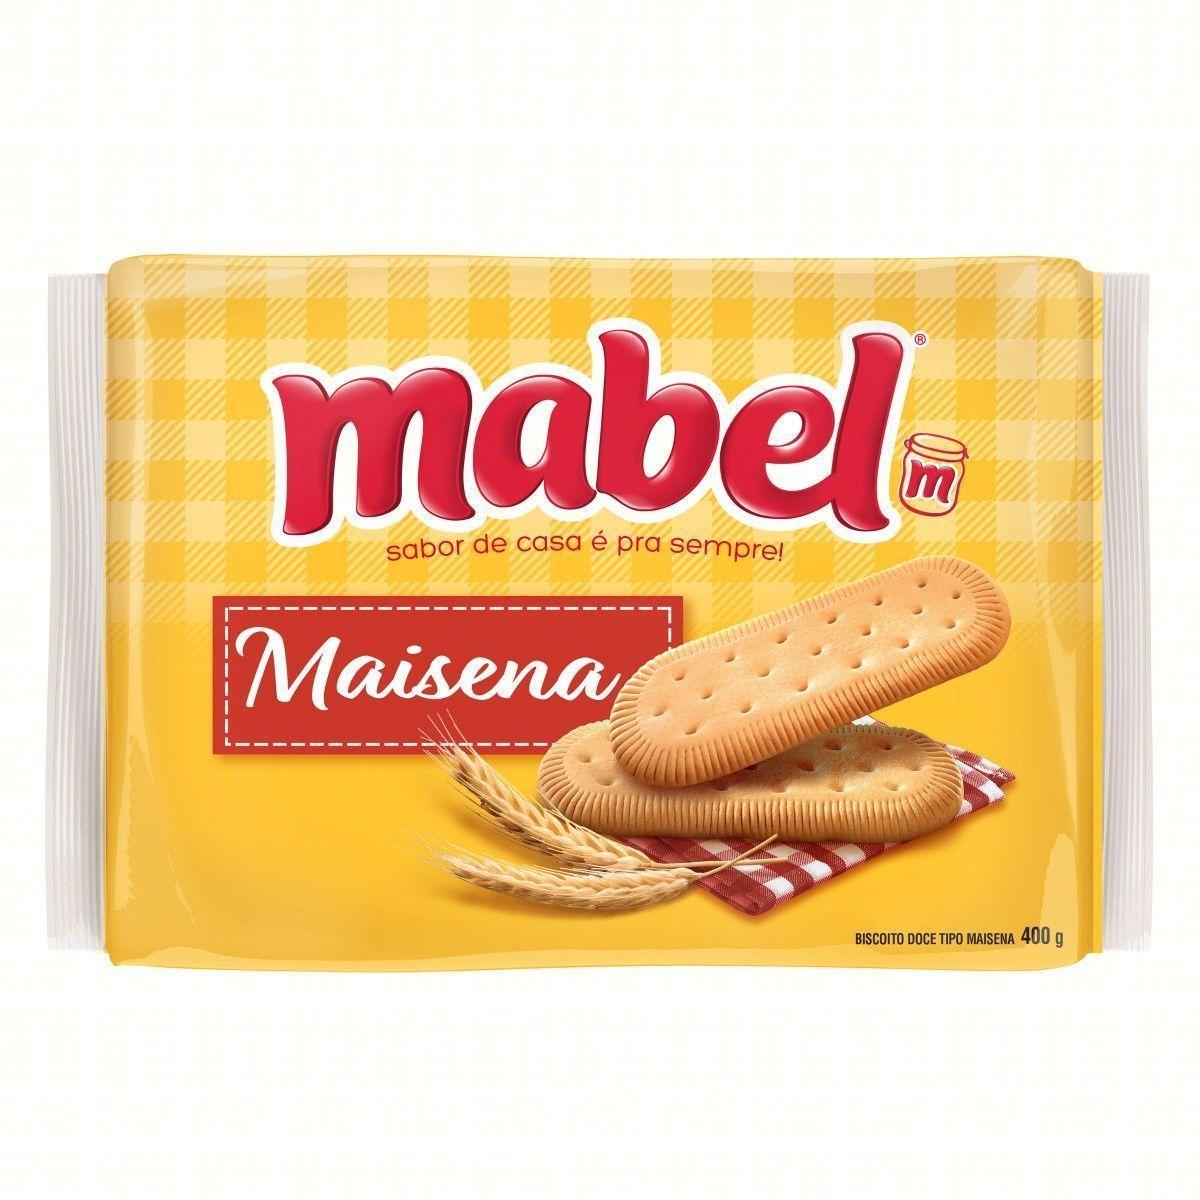 Biscoito doce maizena 400g Mabel pacote PCT